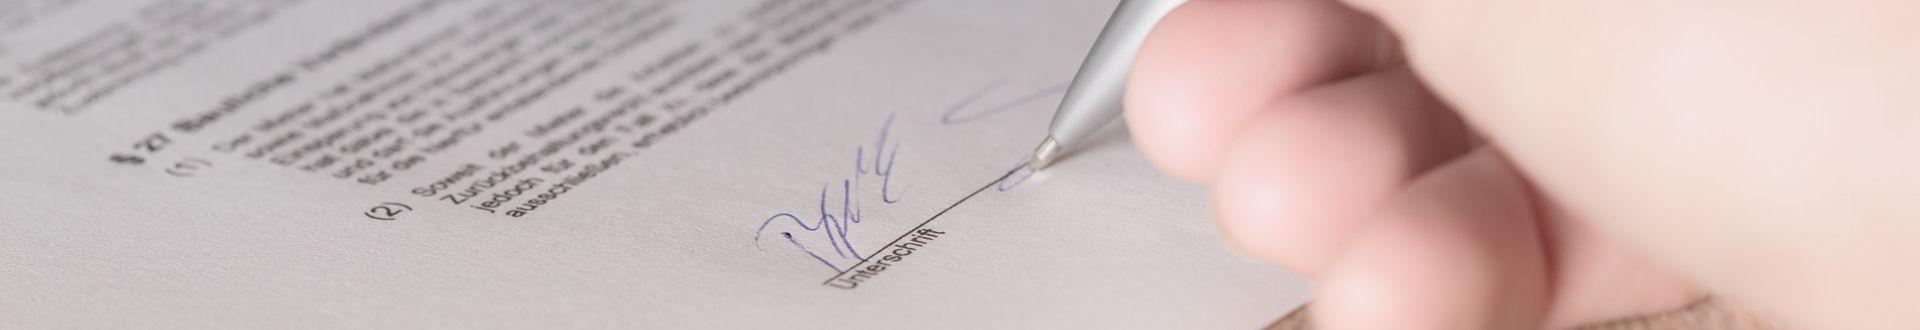 Wer seinen Job kündigt oder einen Aufhebungsvertrag unterschreibt, riskiert eine Arbeitslosengeld-I-Sperre.